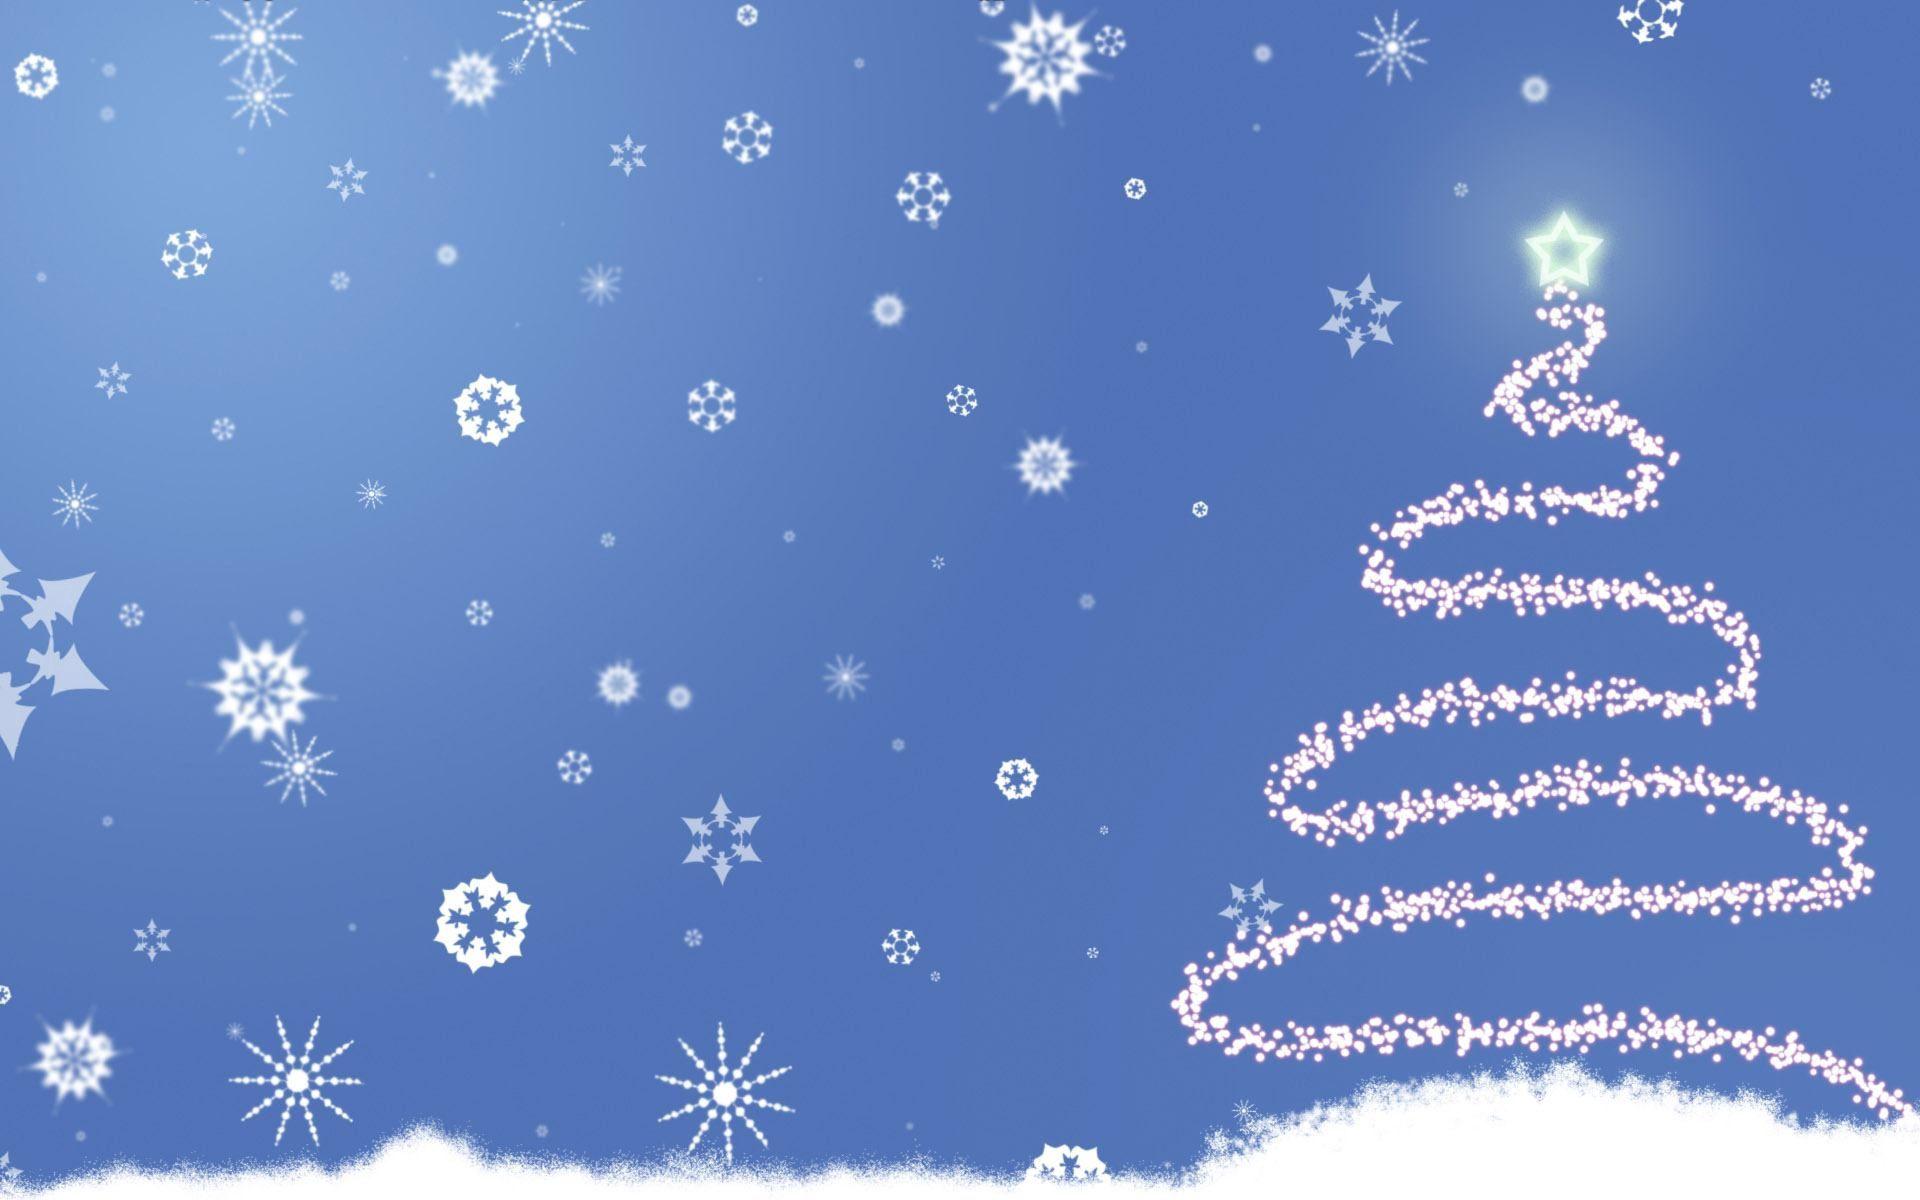 65713 Hintergrundbild herunterladen Feiertage, Neujahr, Weihnachten, Silhouette, Neues Jahr, Weihnachtsbaum - Bildschirmschoner und Bilder kostenlos